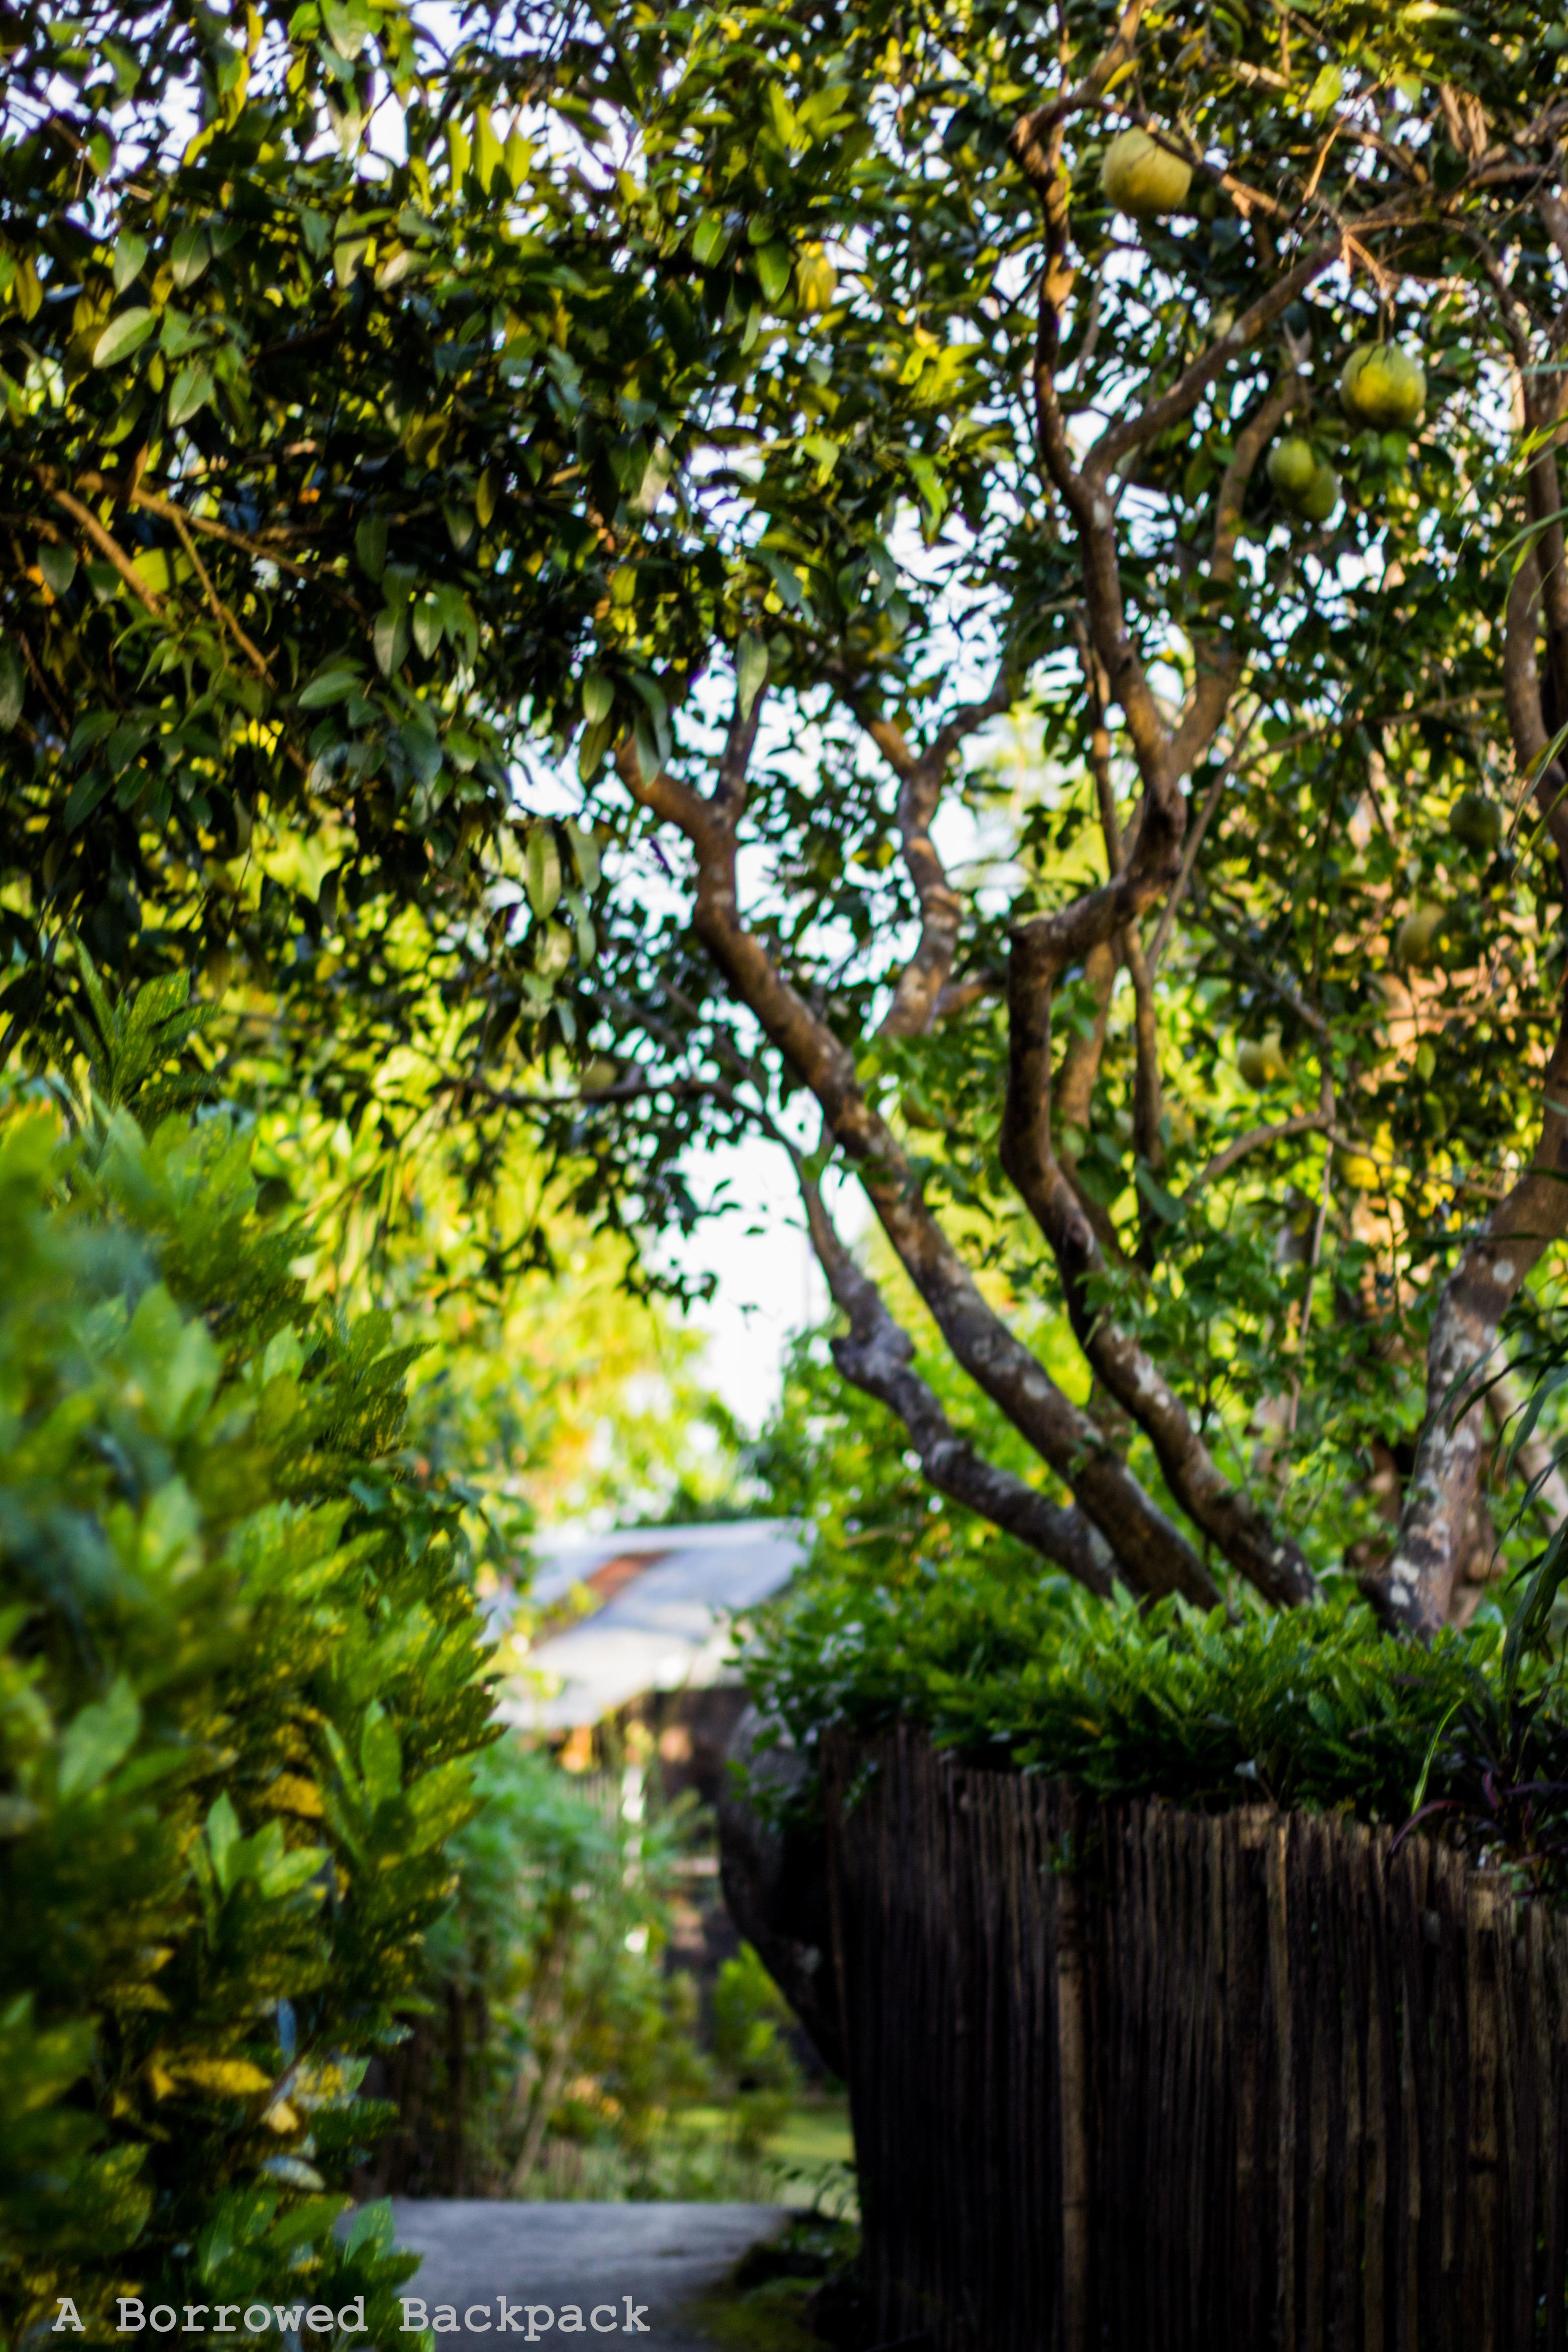 Mawlynnong greenery